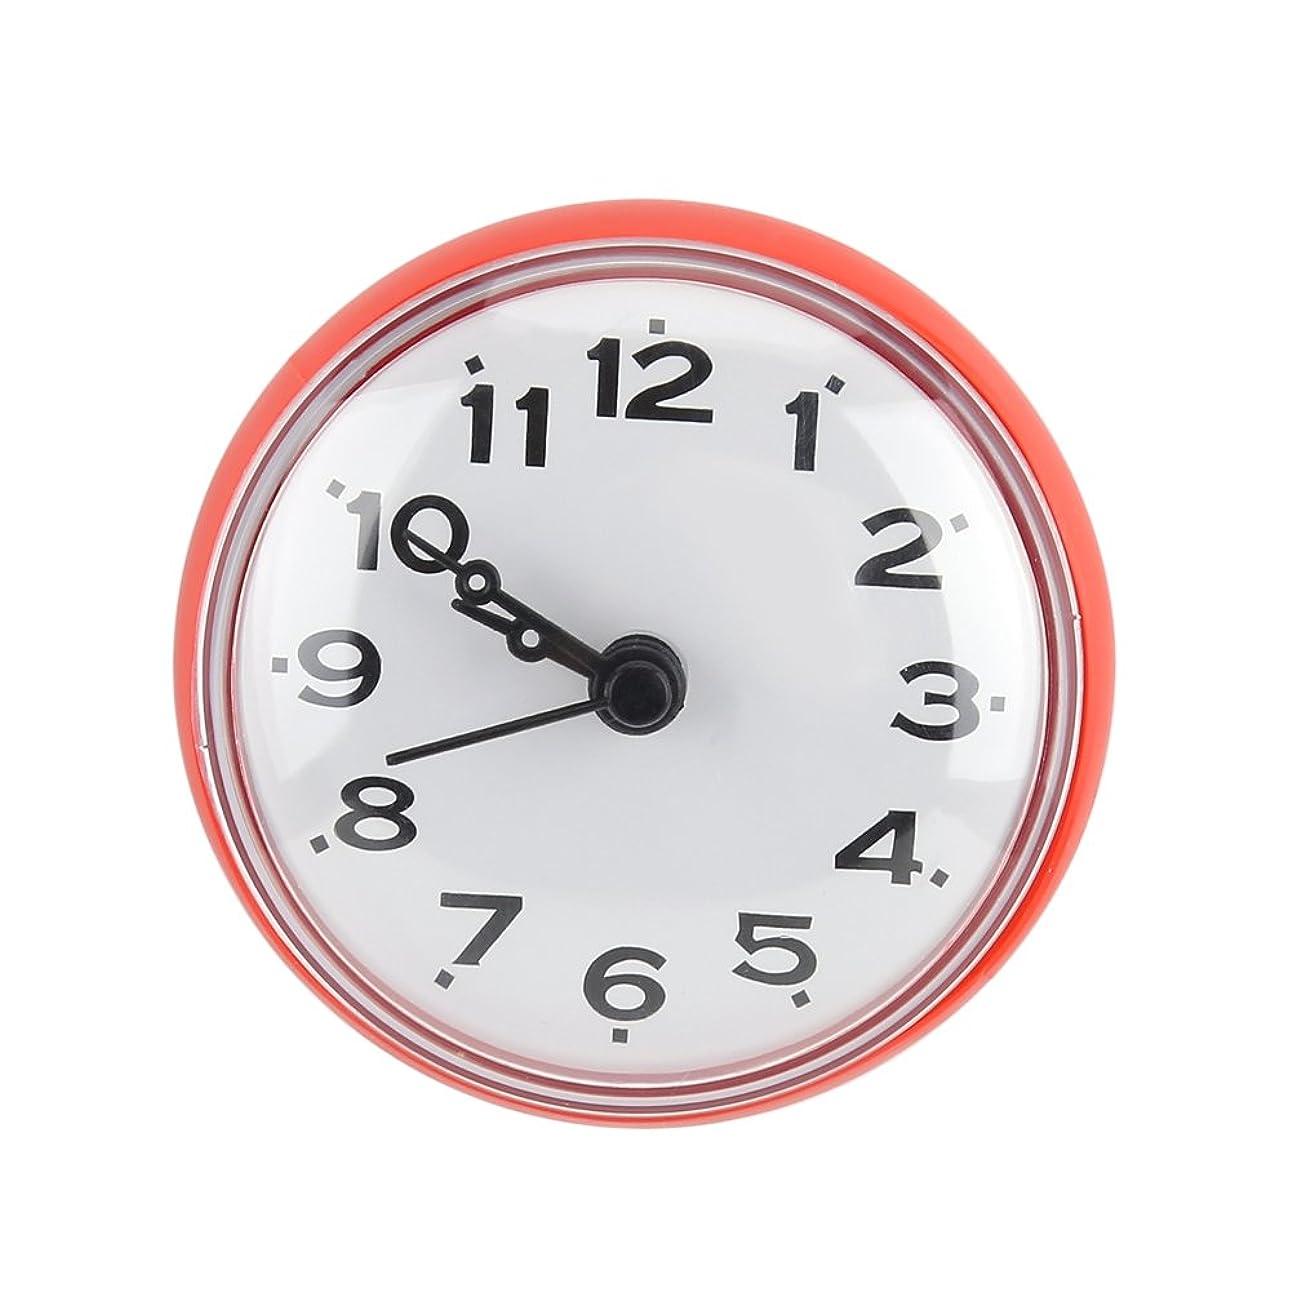 明らかに蒸留するワゴン防水時計 ウォールクロック 強力 吸盤式 ミニサイズ 防水 バスルームクロック バスルーム時計 ウォータープルーフ時計 お風呂用品 キッチン用(レッド)